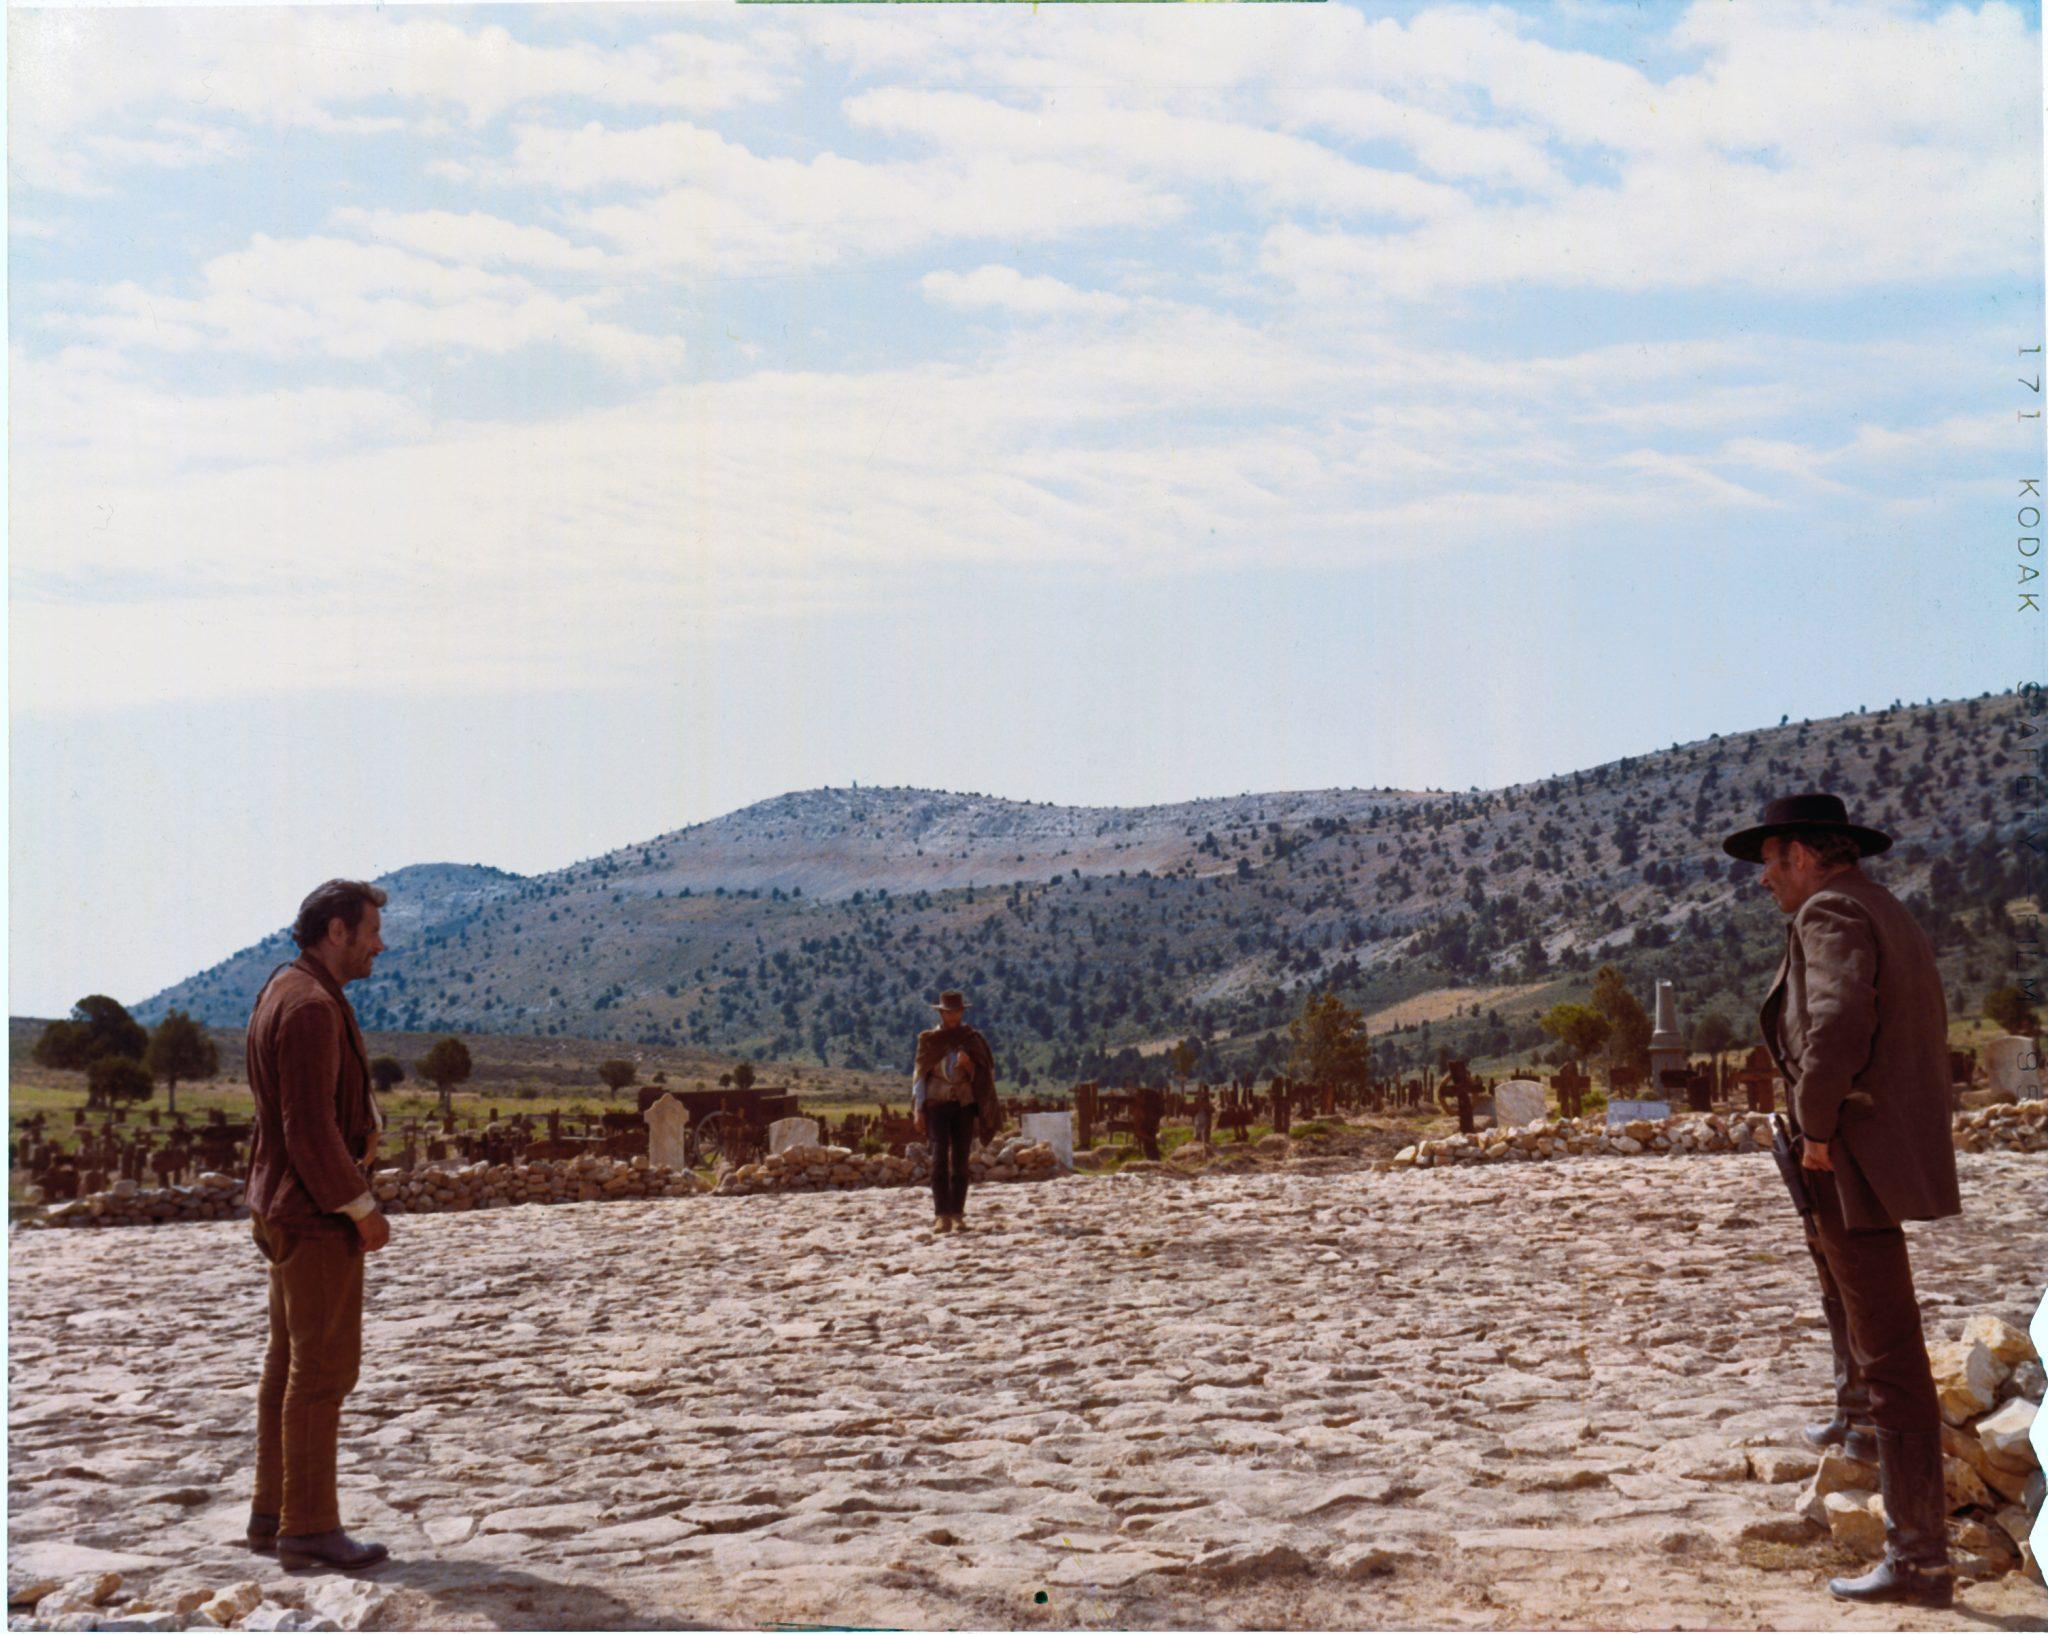 Tuco (Eli Wallach), der Blonde (Clint Eastwood) und Sentenza (Lee Van Cleef) stellen sich auf zum finalen Duell in der runden, arenaförmigen Fläche im Zentrum des Friedhofs. Tuco steht links im Bildvordergrund, Sentenza rechts. Der Blonde bildet die Mitte und steht im Bildhintergrund.